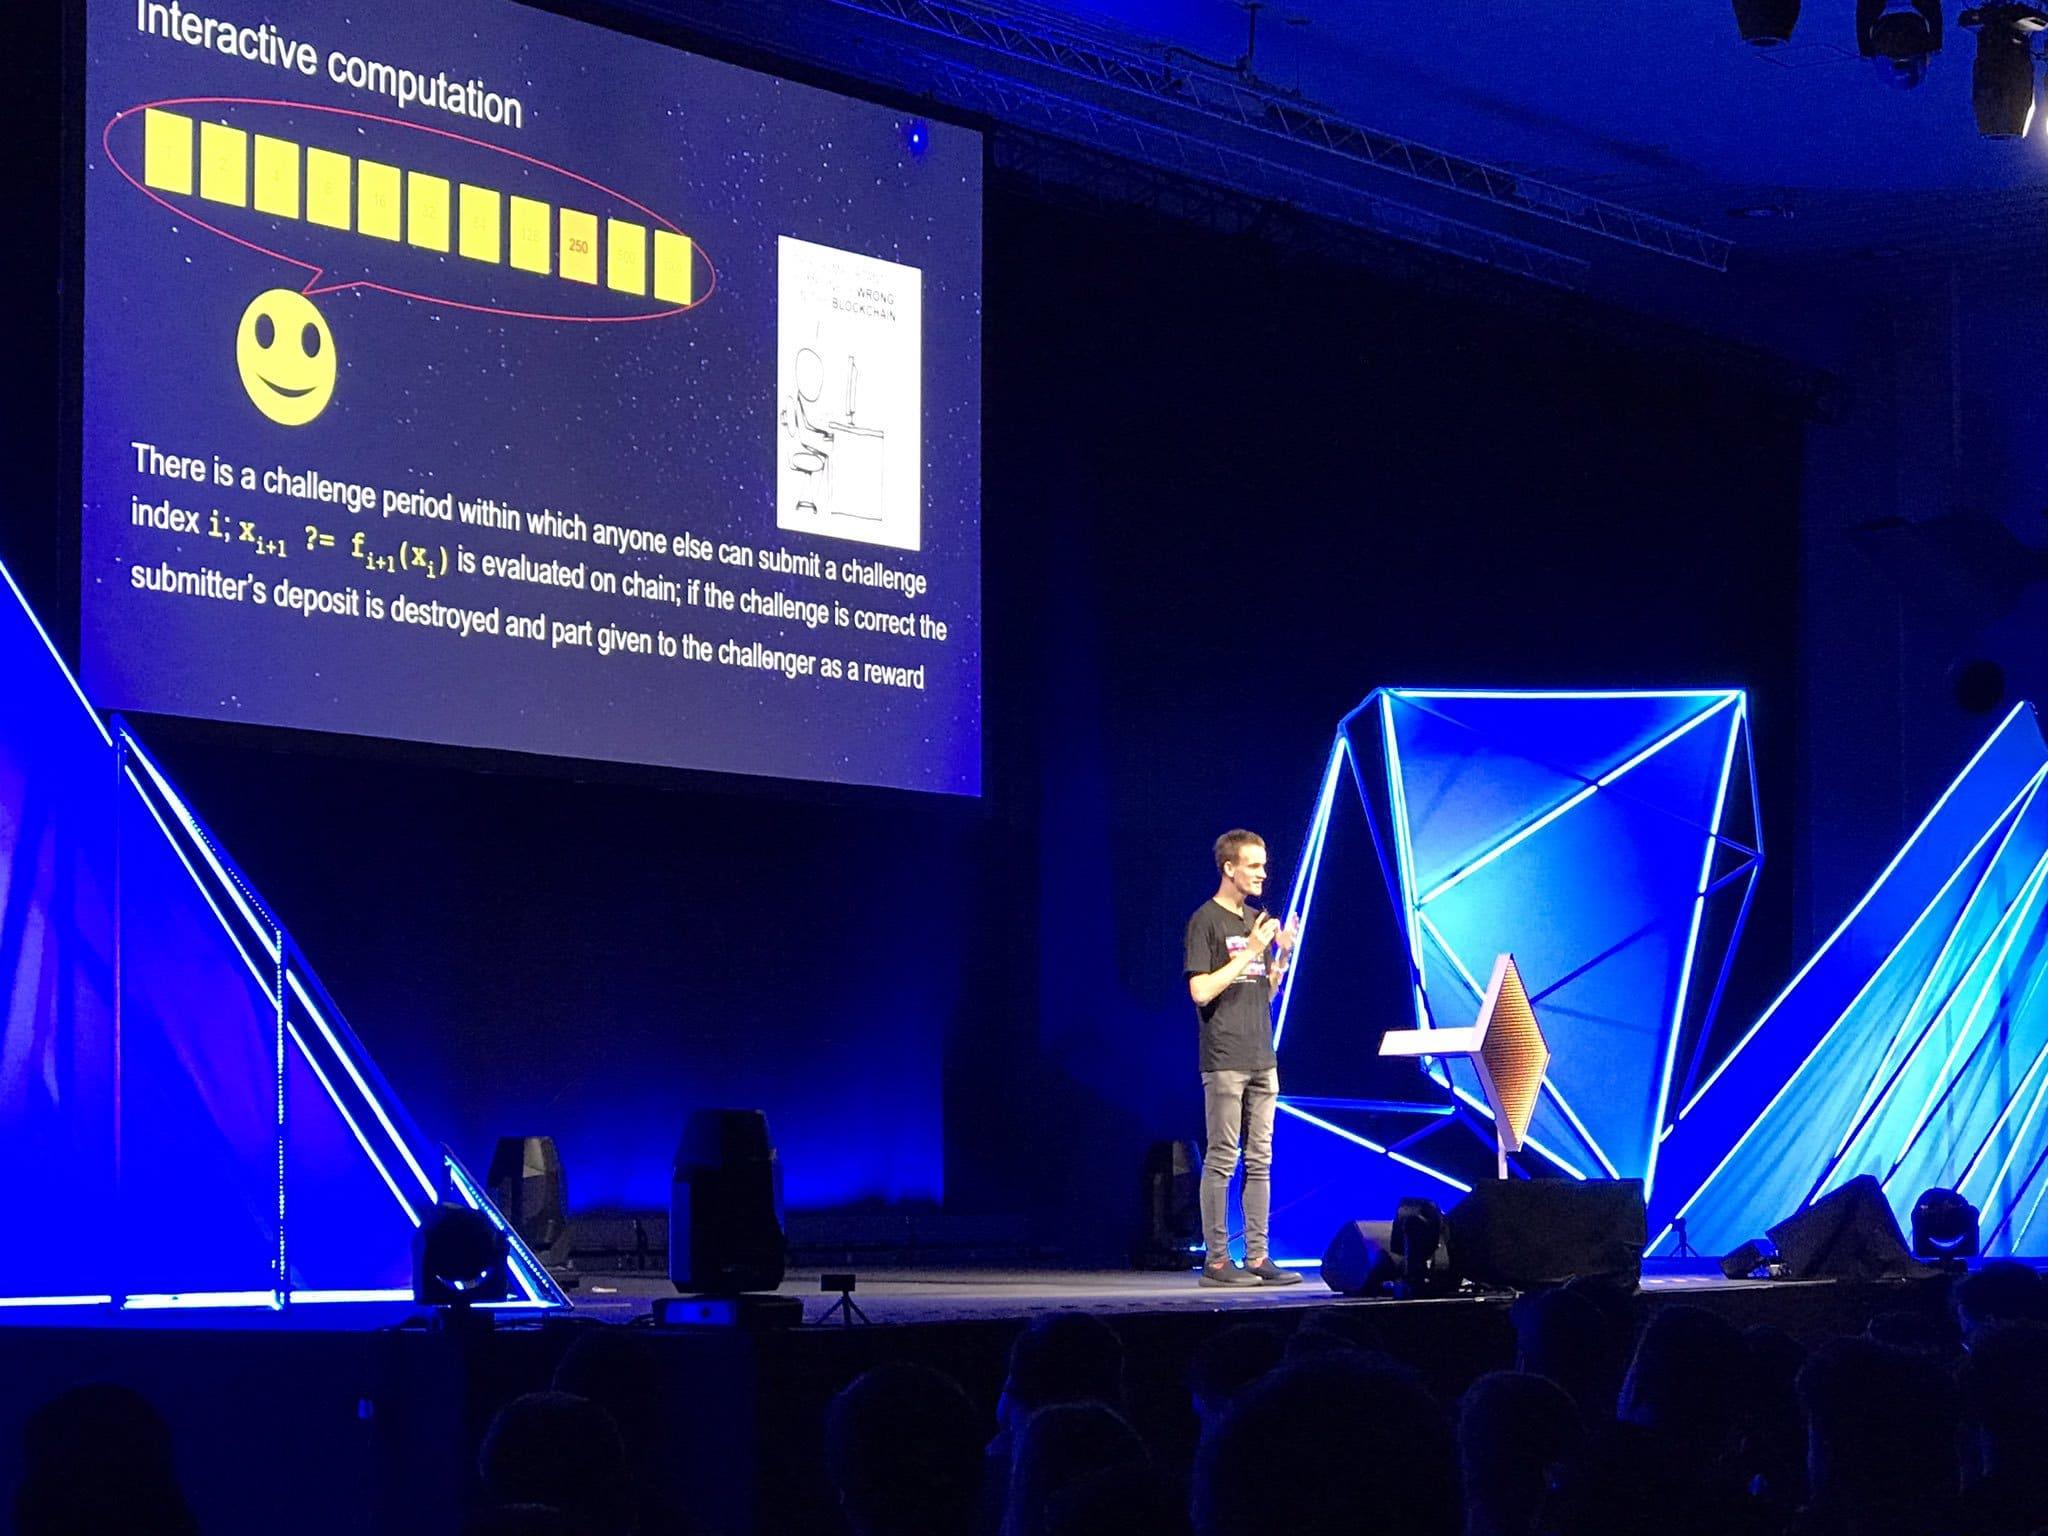 Buterin interviene alla Devcon e parla del PoS su Ethereum